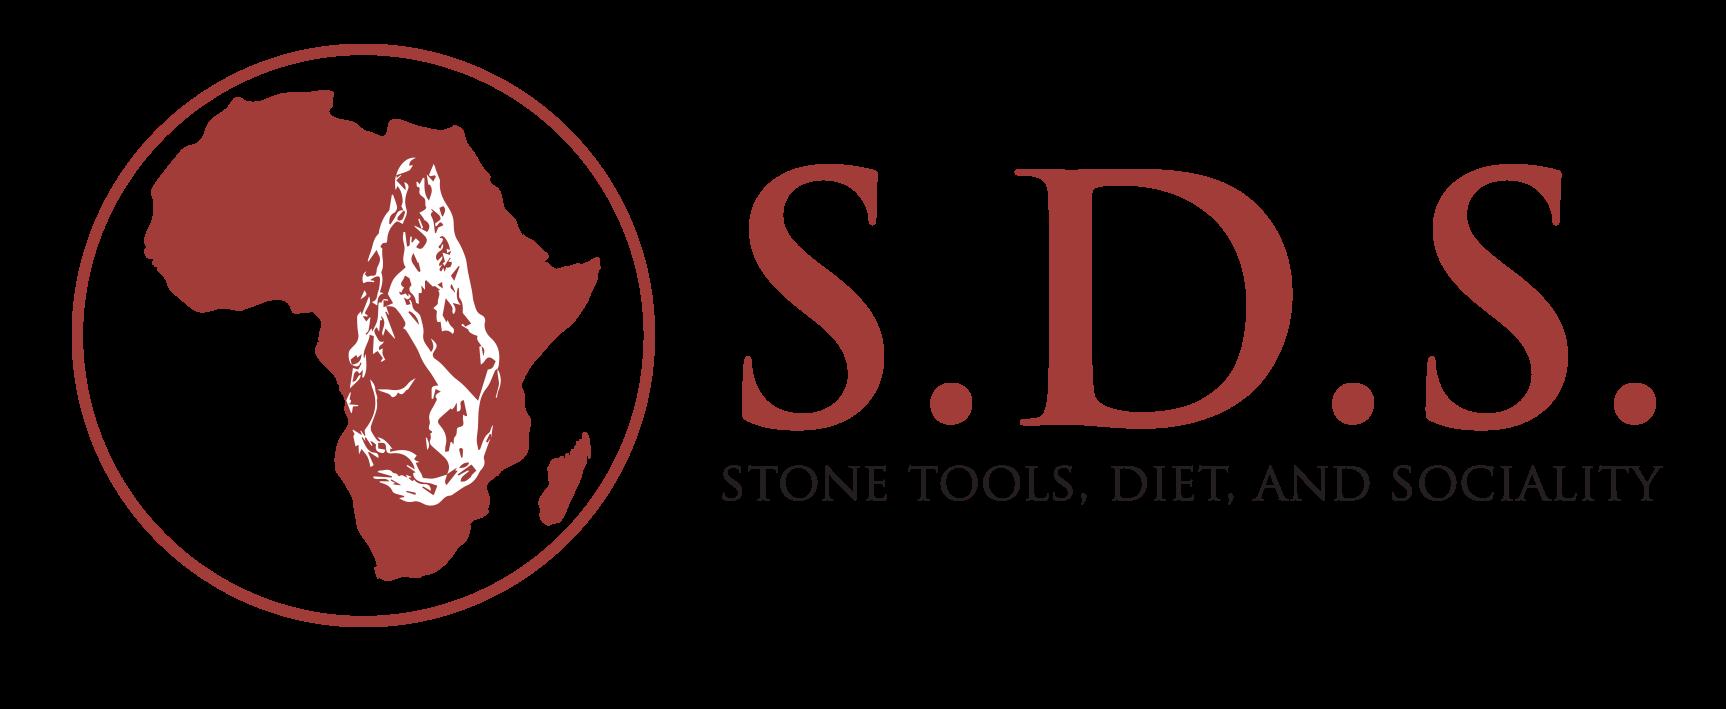 SDS Olduvai Gorge: Live Website Proposal